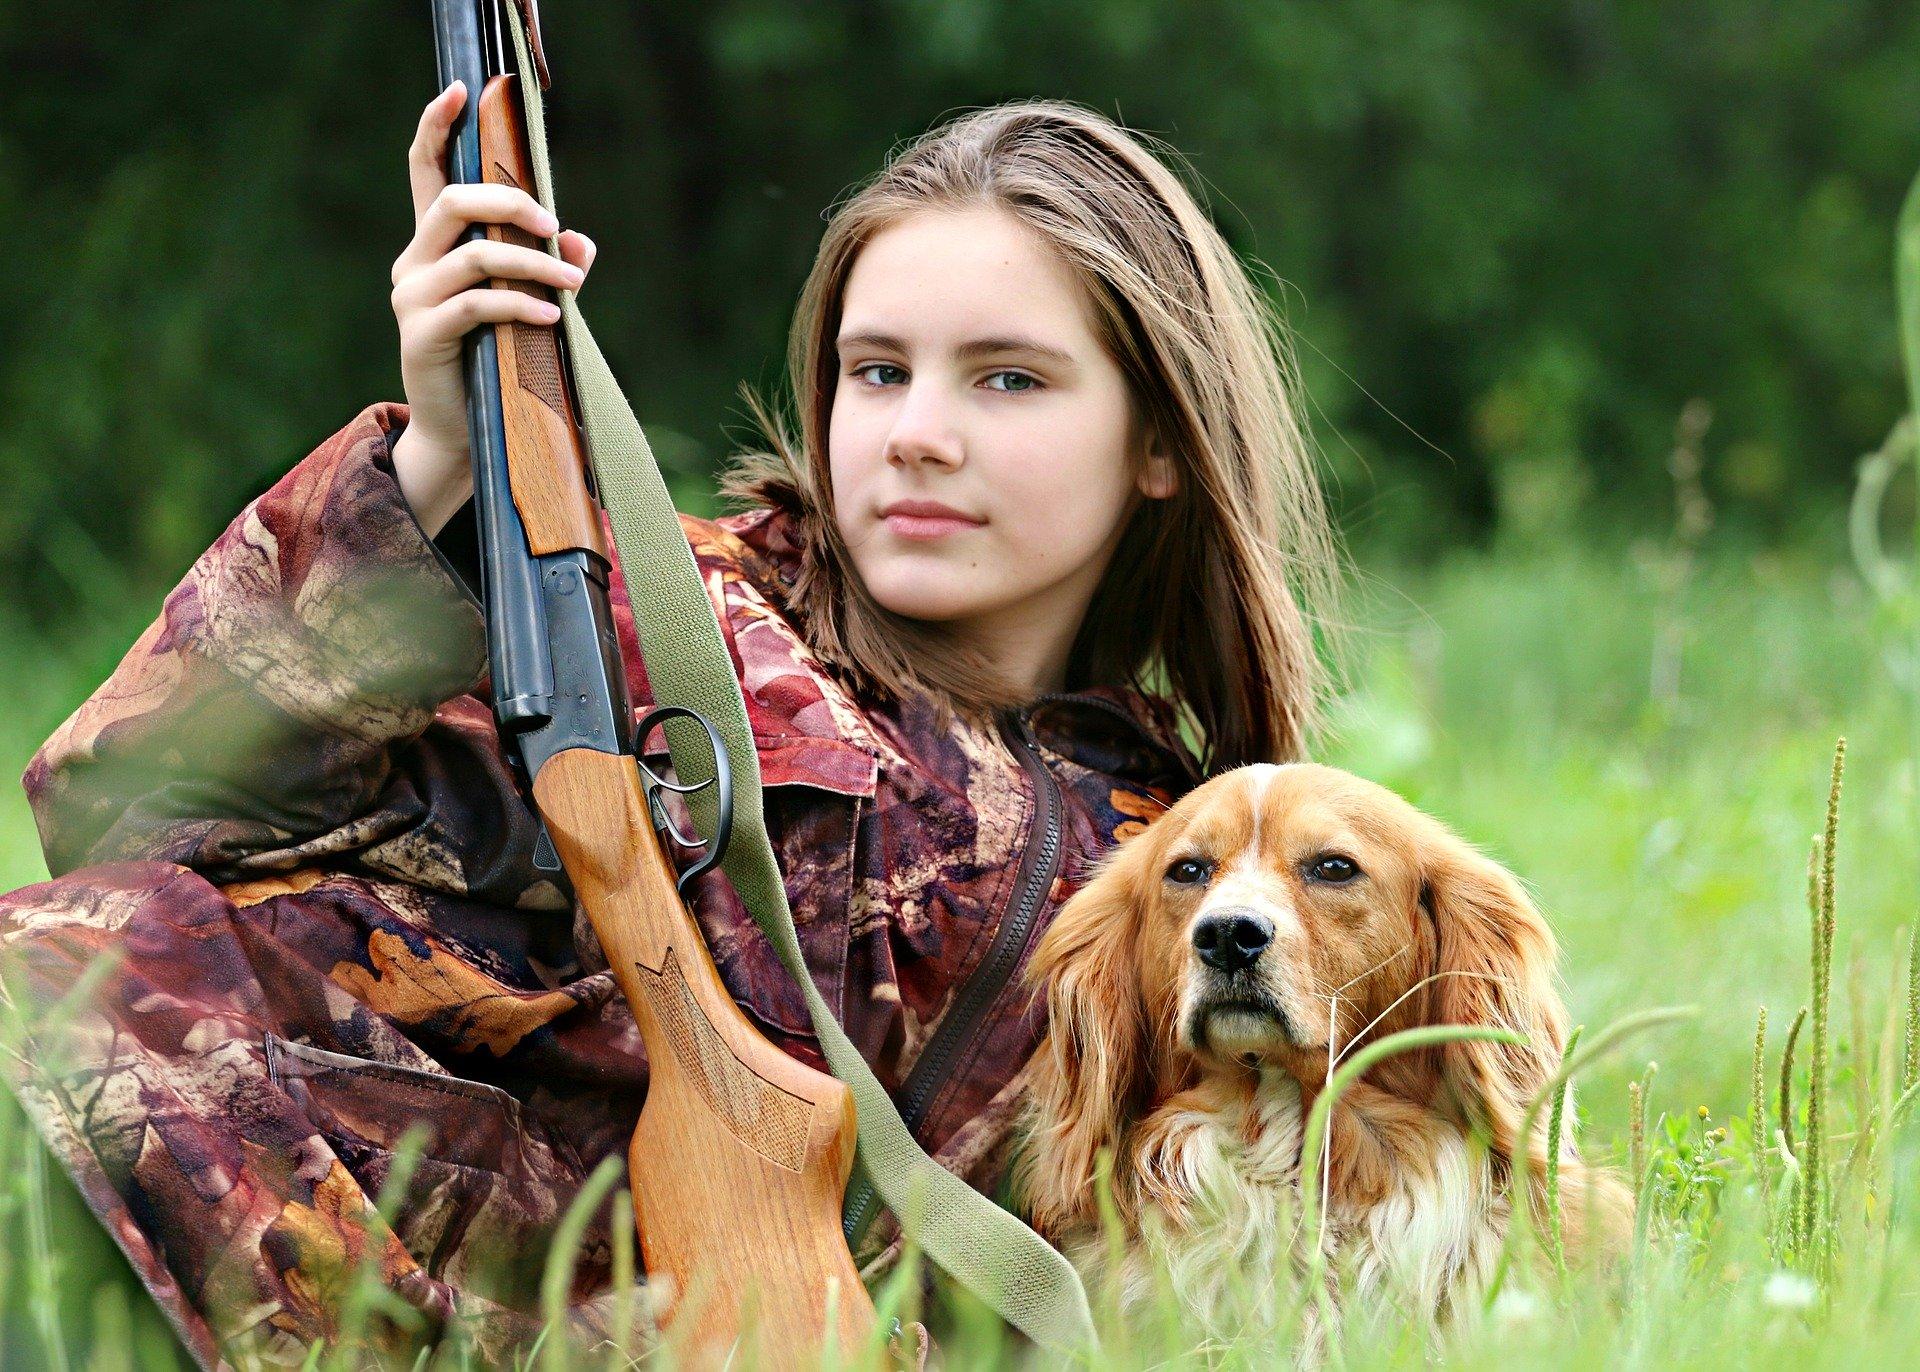 Équipement de chasseur